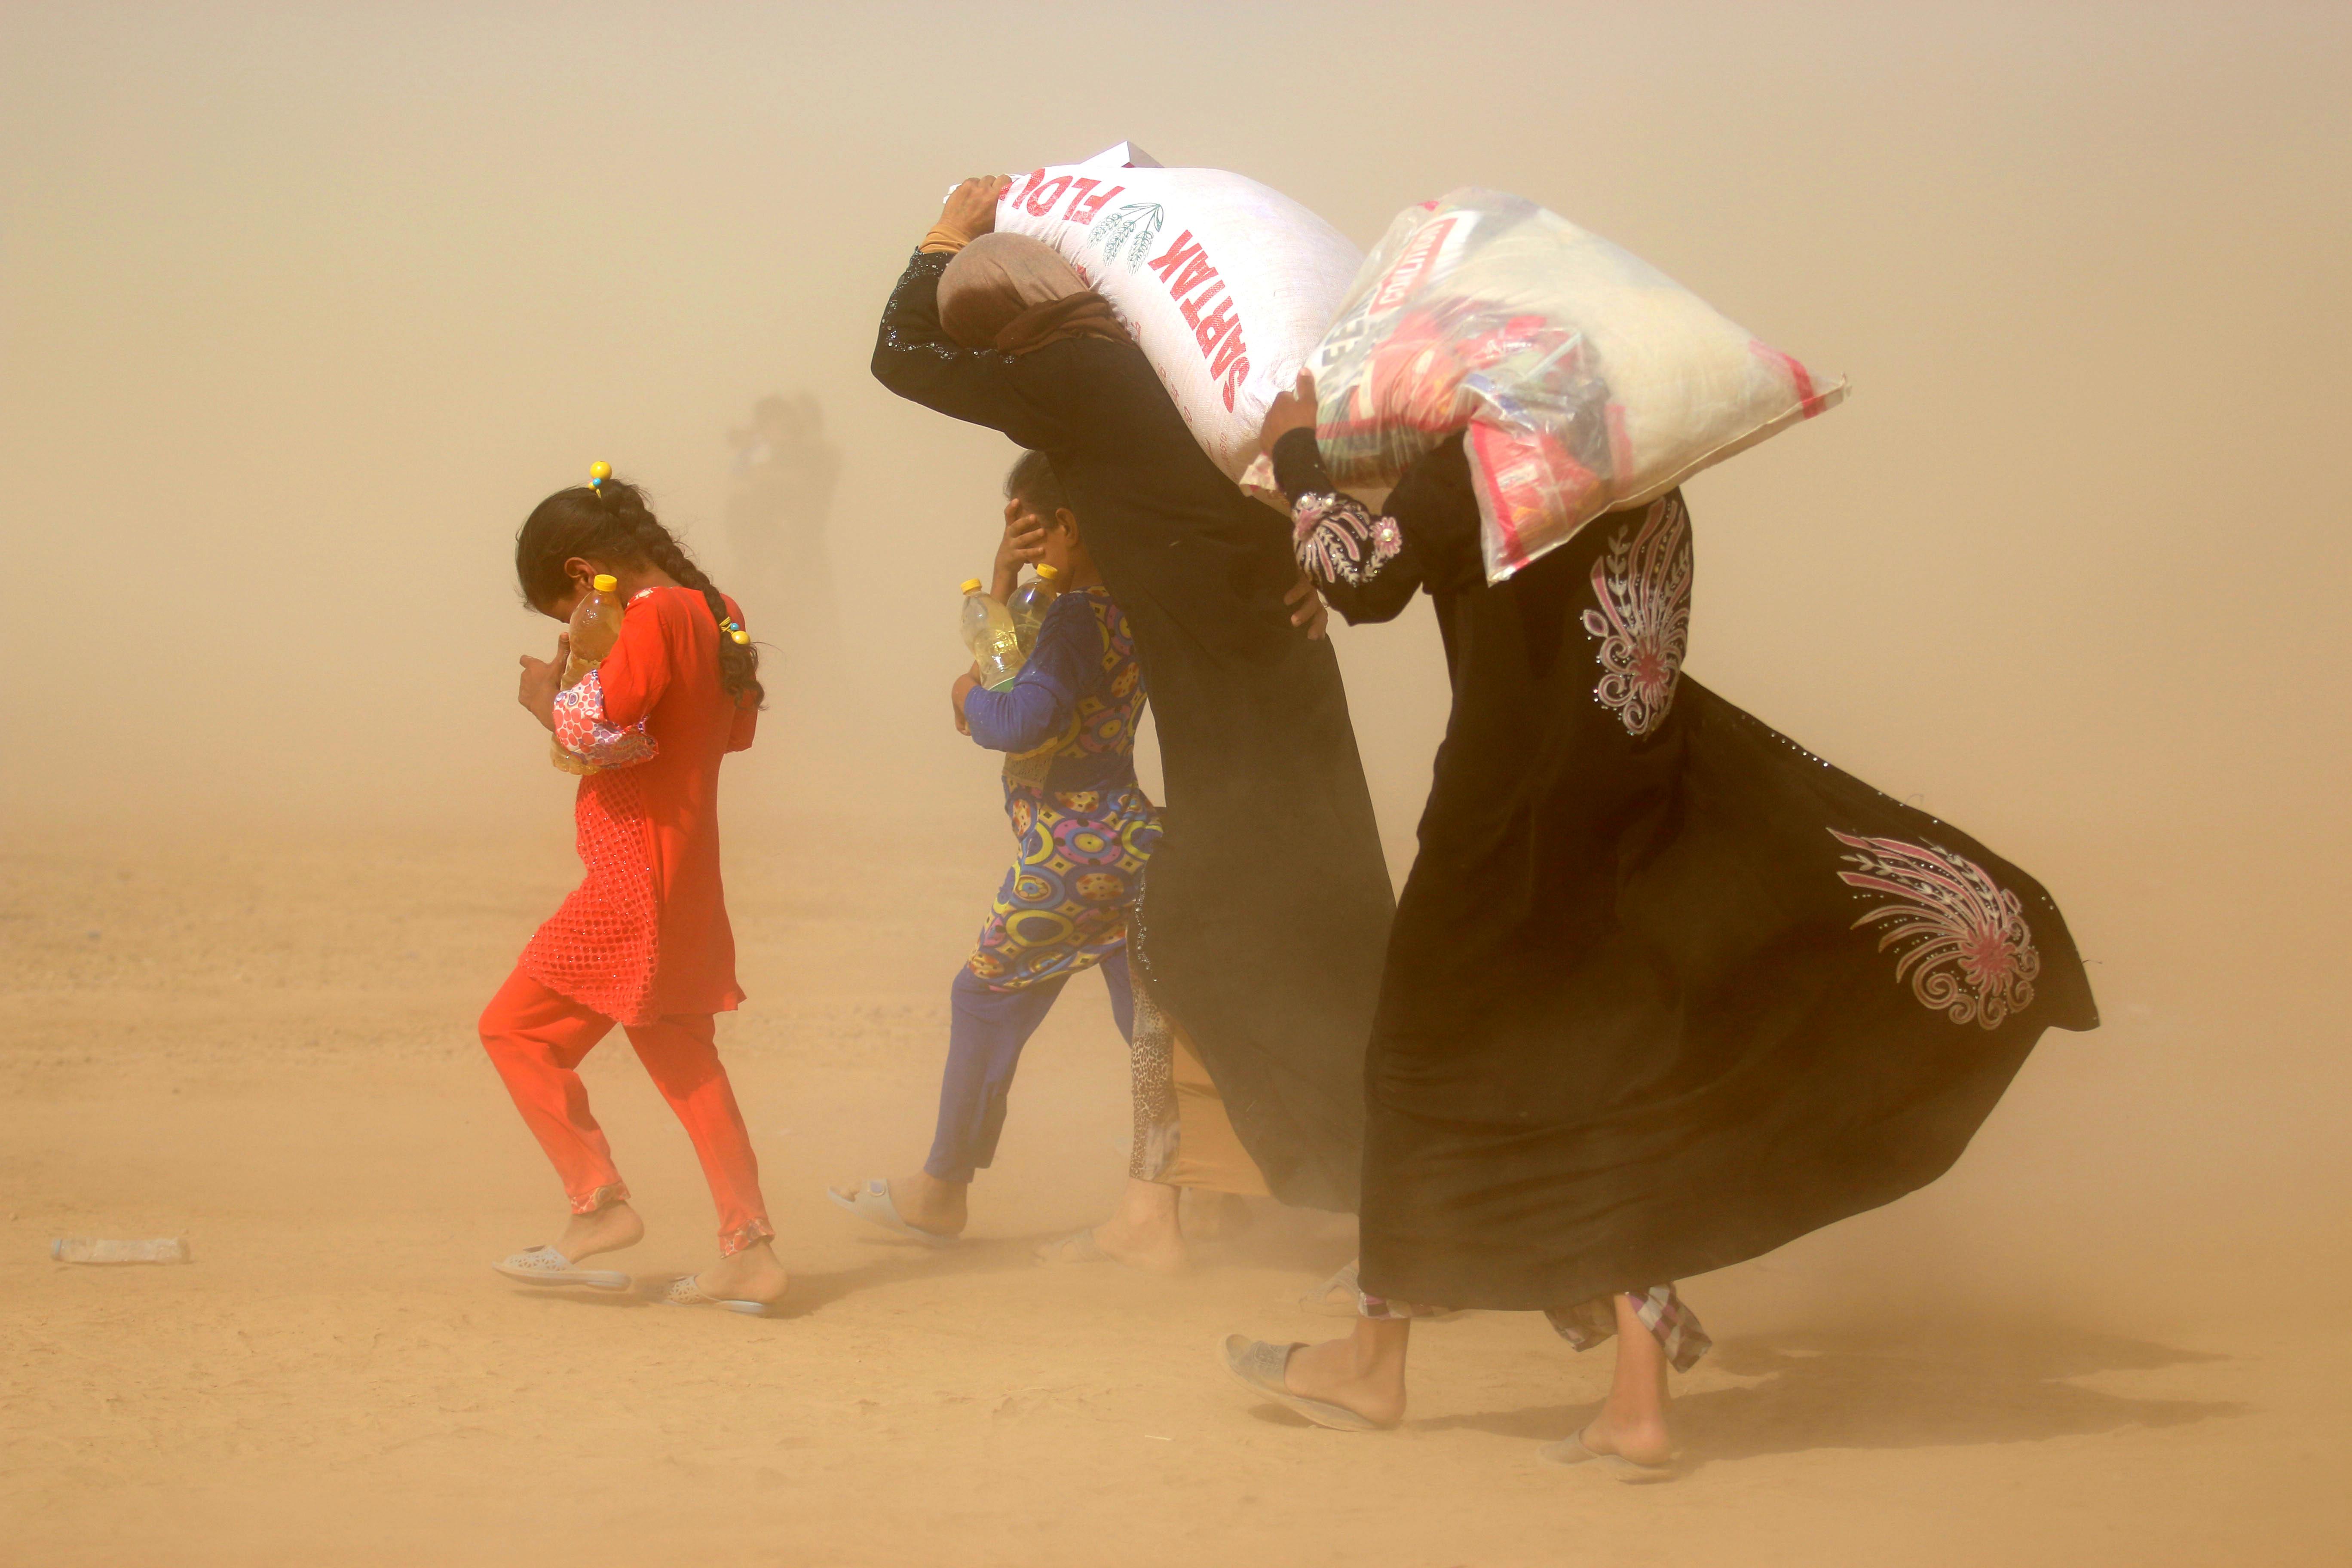 نازحون من الفلوجة يحملون مساعدات غذائية في مخيم في الخالدية